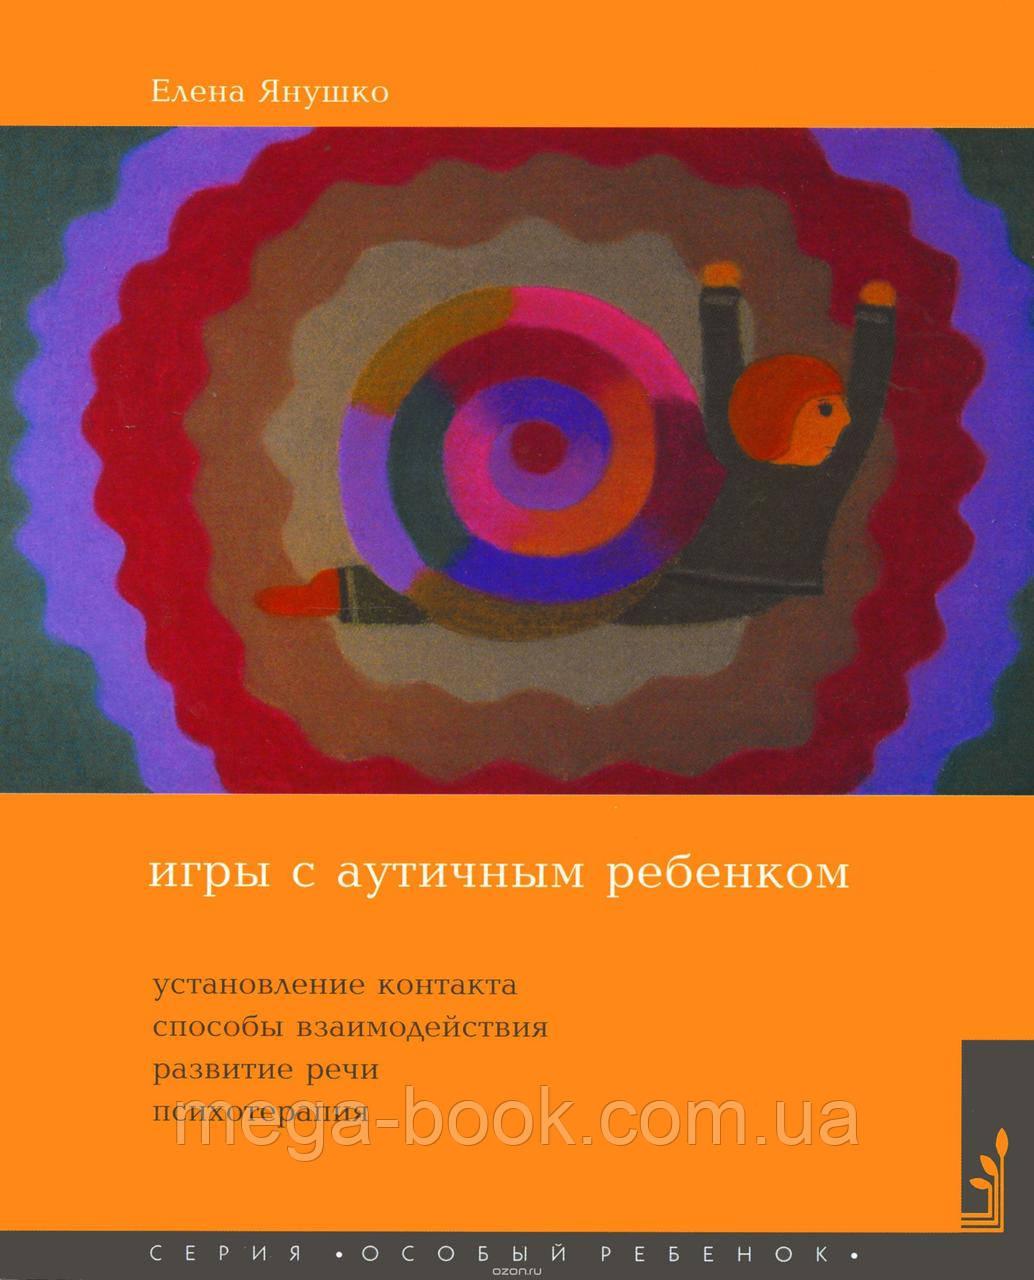 Игры с аутичным ребенком. Елена Янушко